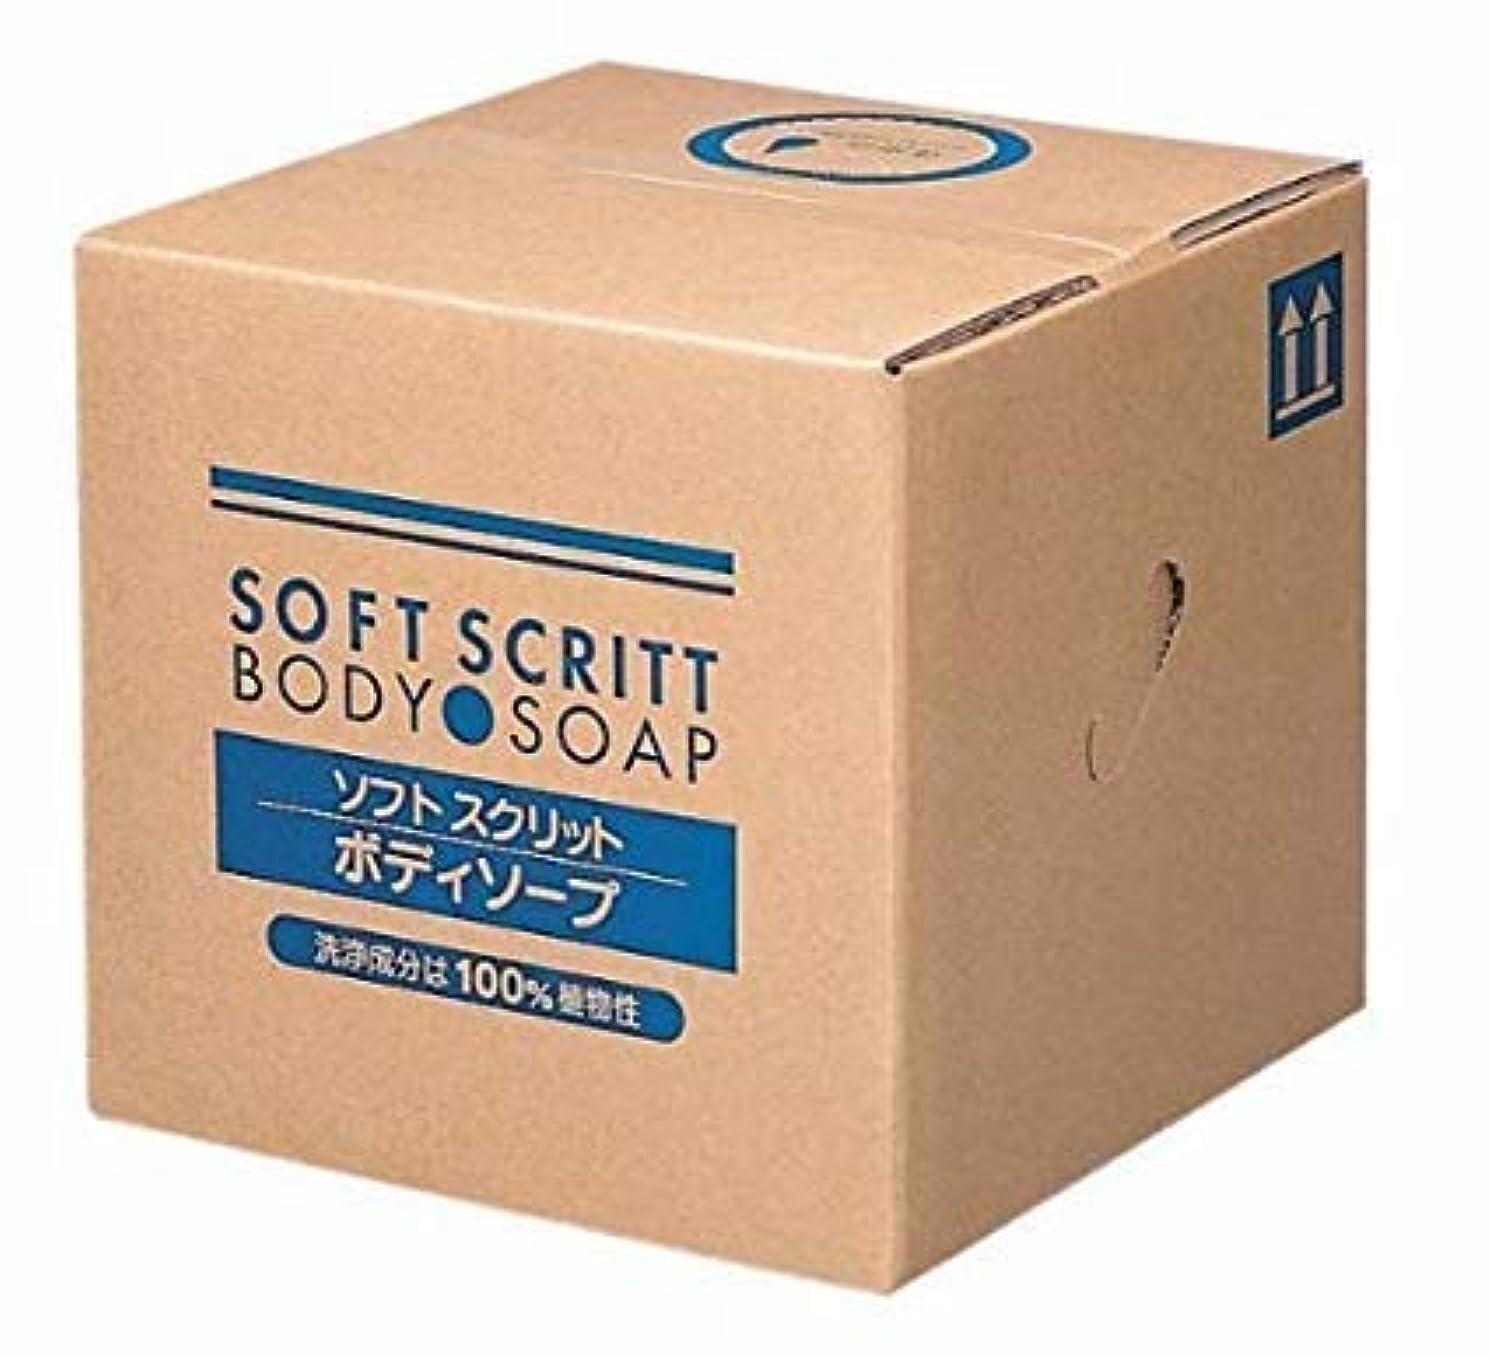 典型的な寝具パンフレット業務用 SOFT SCRITT(ソフト スクリット) ボディソープ 18L 熊野油脂 コック無し